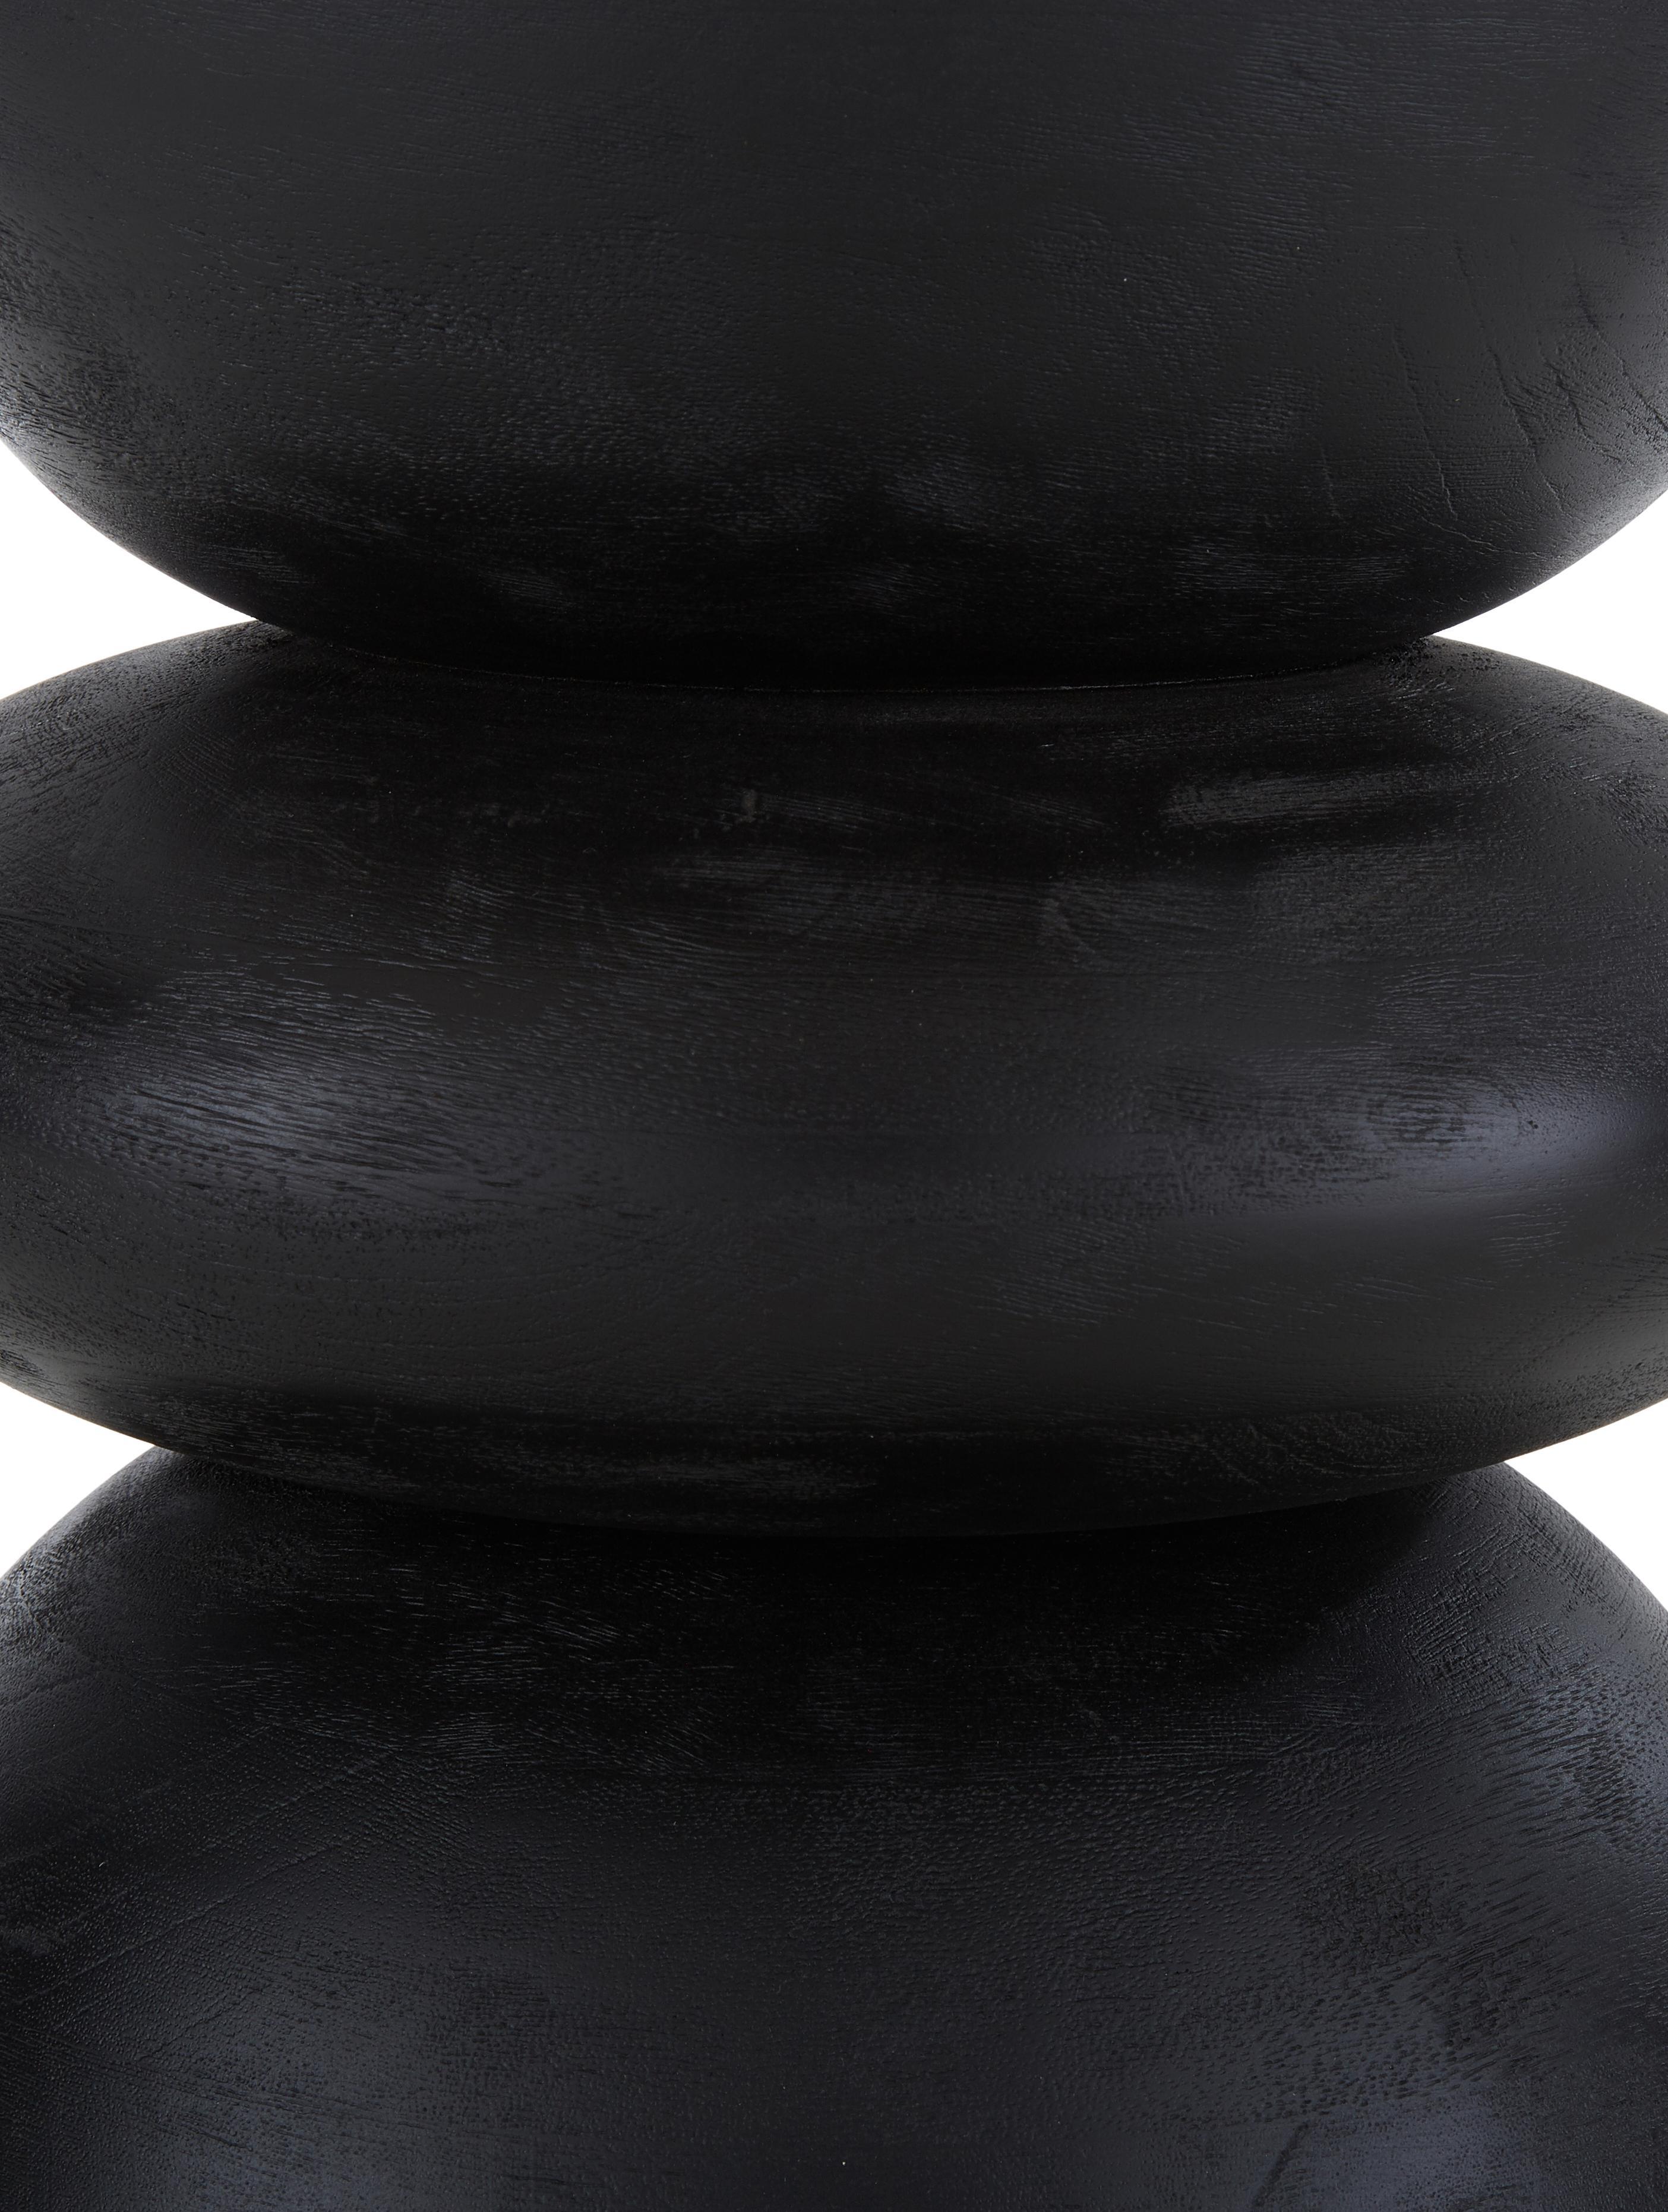 Beistelltisch Benno aus Mangoholz in Schwarz, Massives Mangoholz, lackiert, Mangoholz, schwarz lackiert, ∅ 35 x H 50 cm